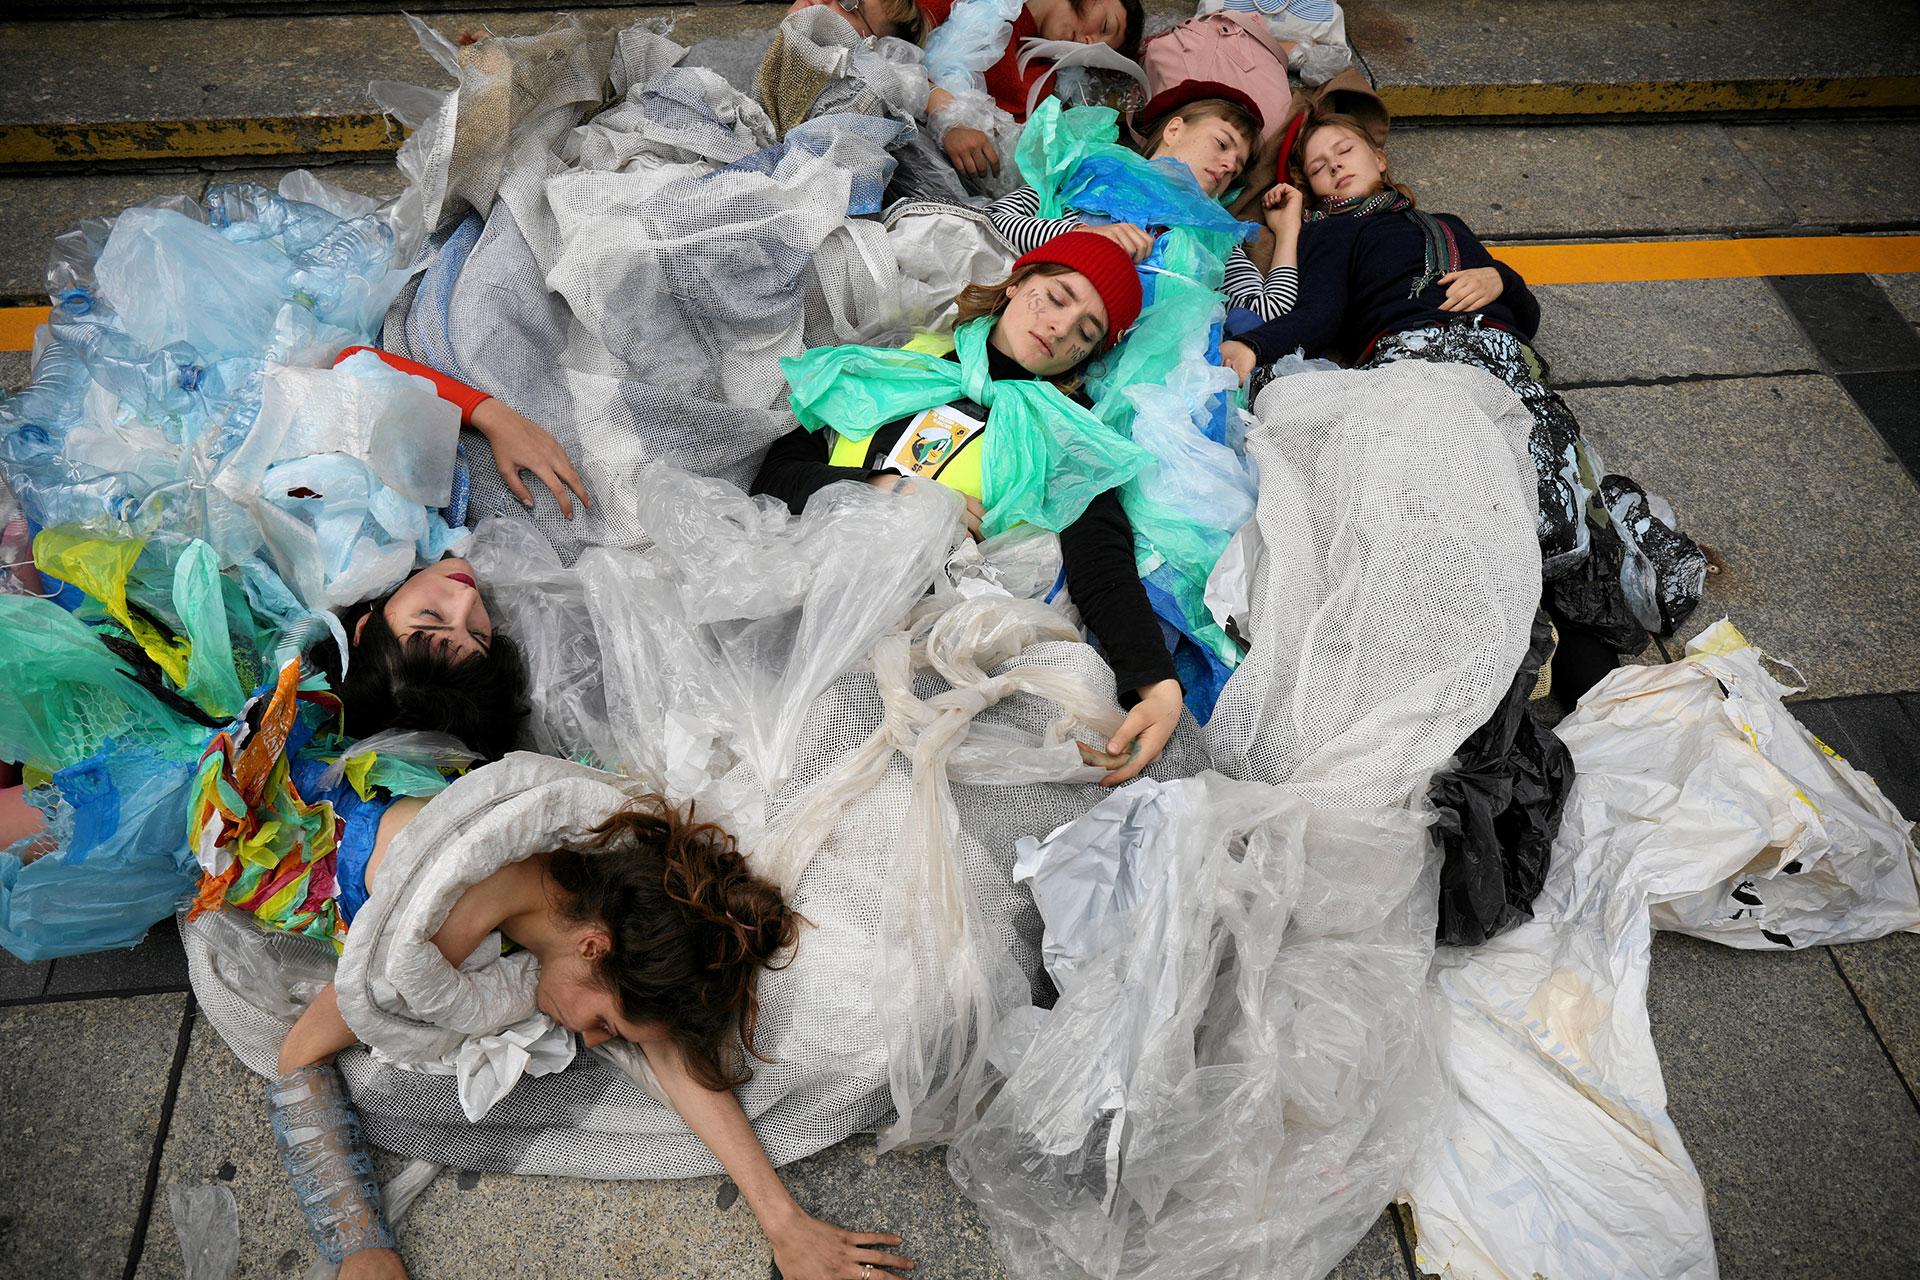 La instalación fue una de las imágenes más potentes de la jornada (Maciek Jazwiecki/Agencja Gazeta via REUTERS)